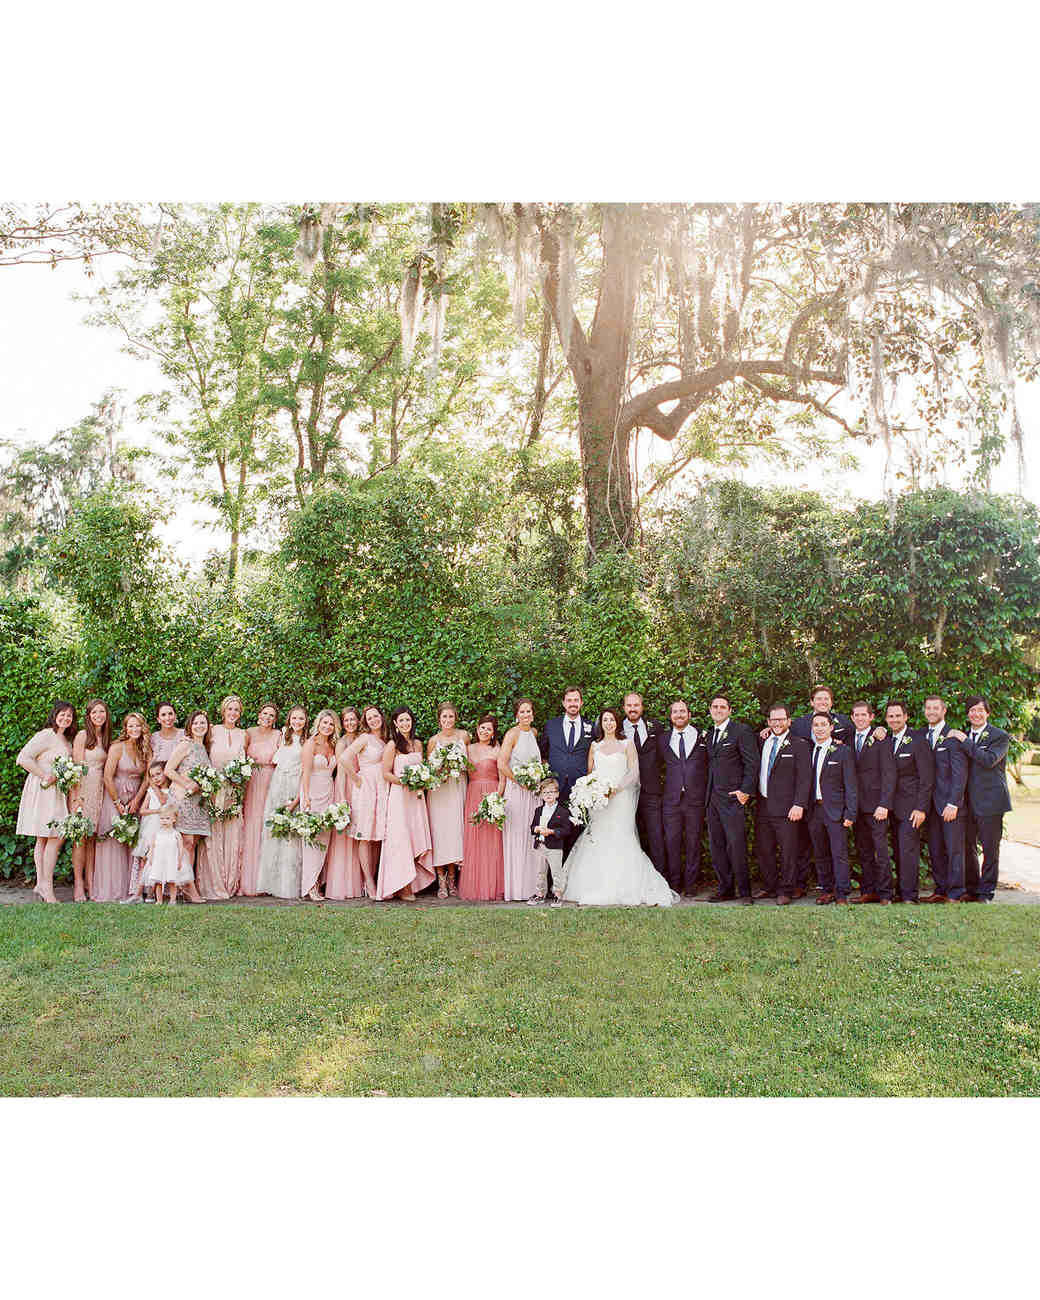 giordana and geoffrey wedding party